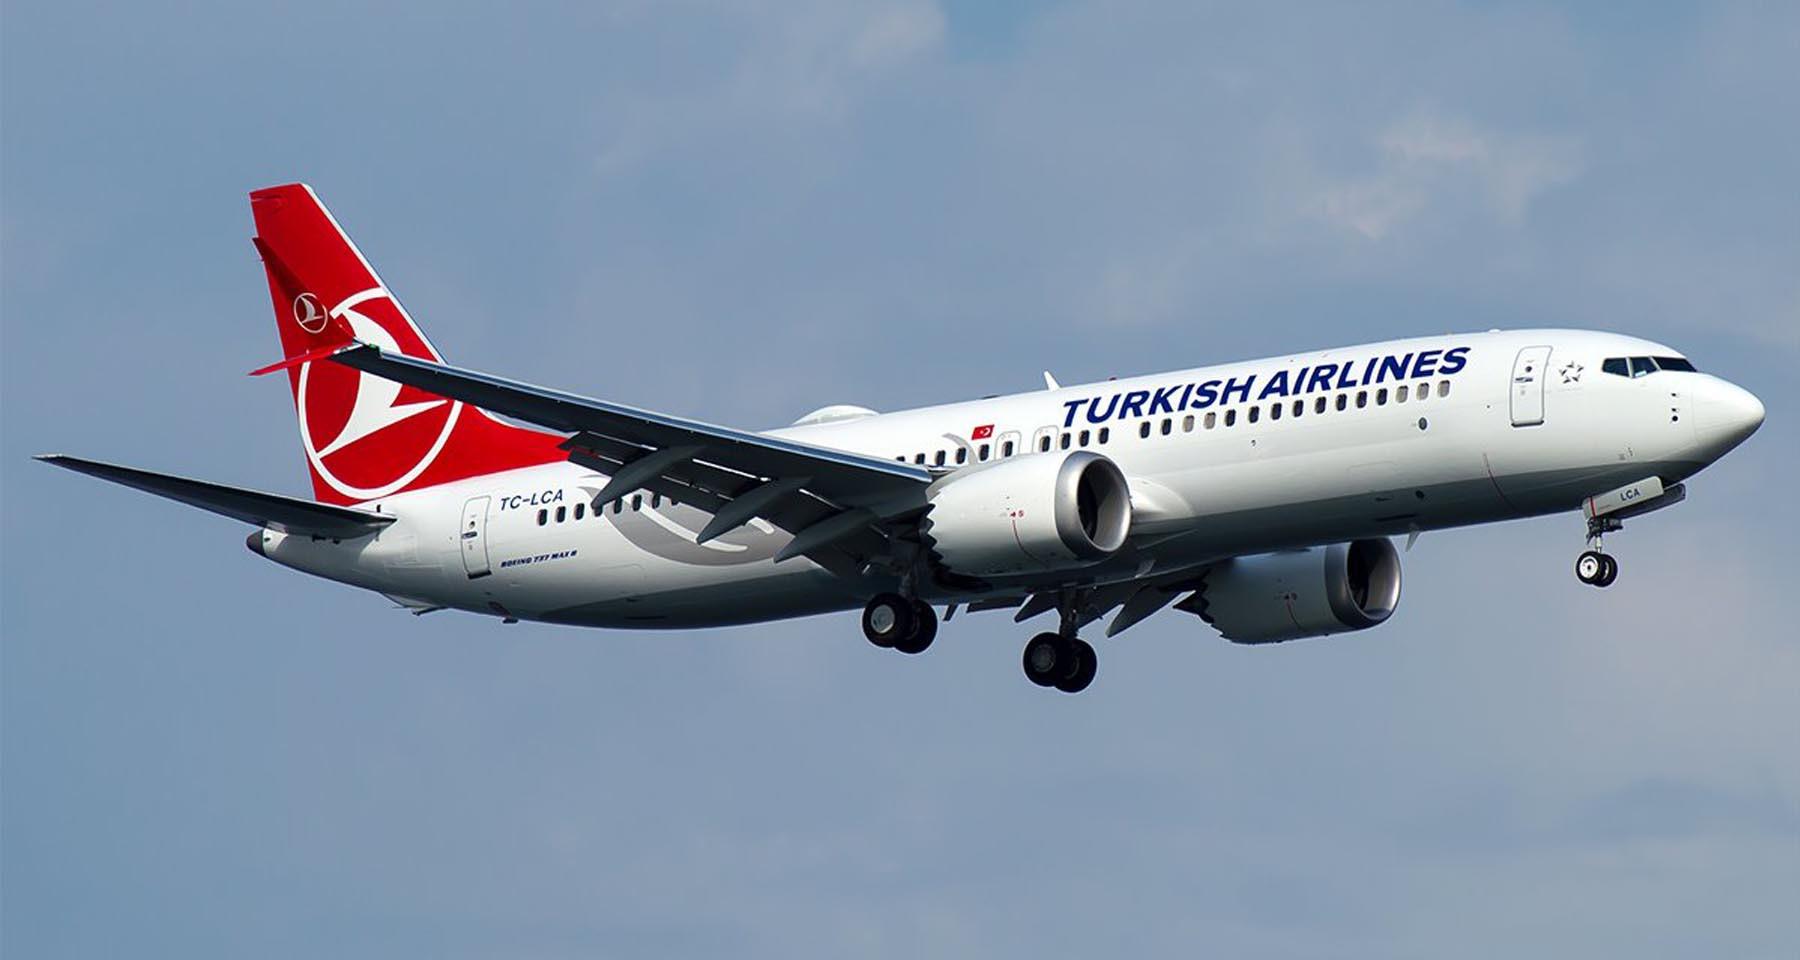 Türk Hava Yolları'nda geri sayım başladı! Uçuşlar başlıyor